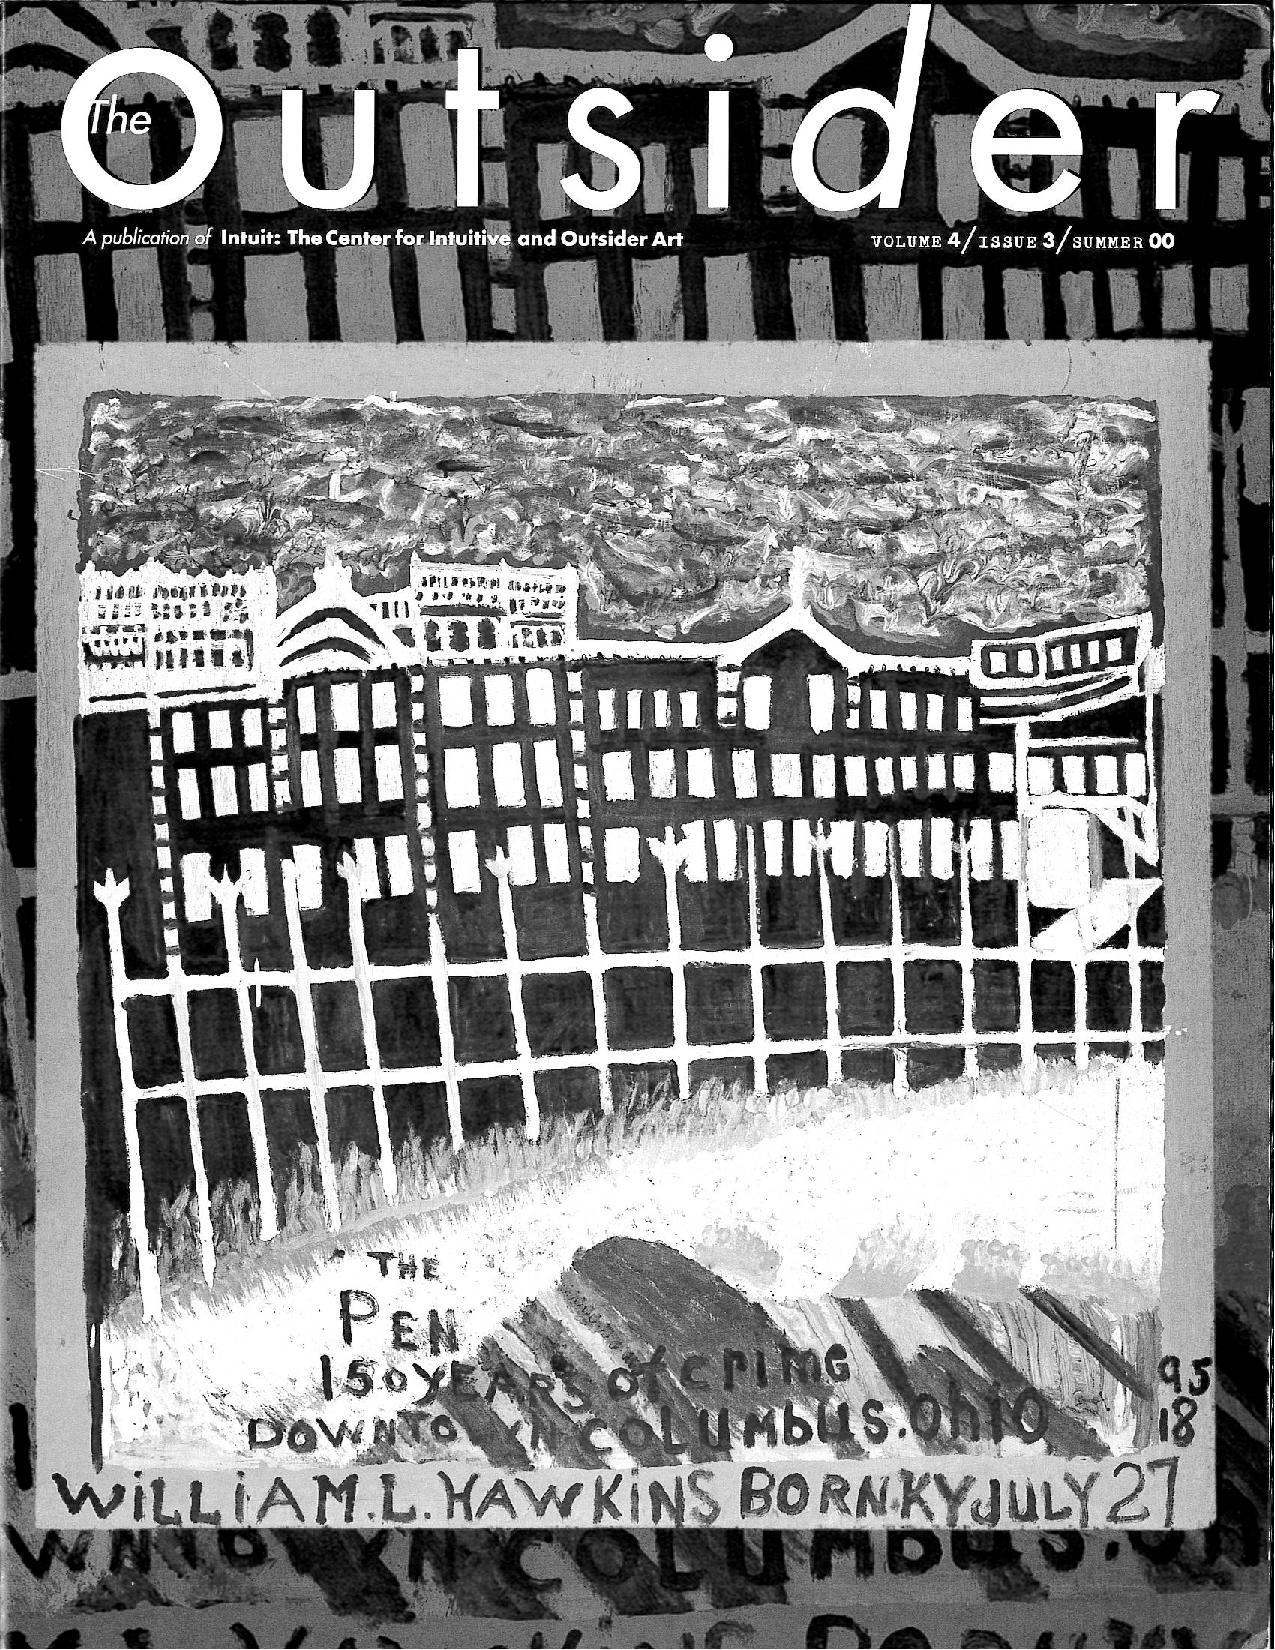 Volume 4 Issue 3 2000